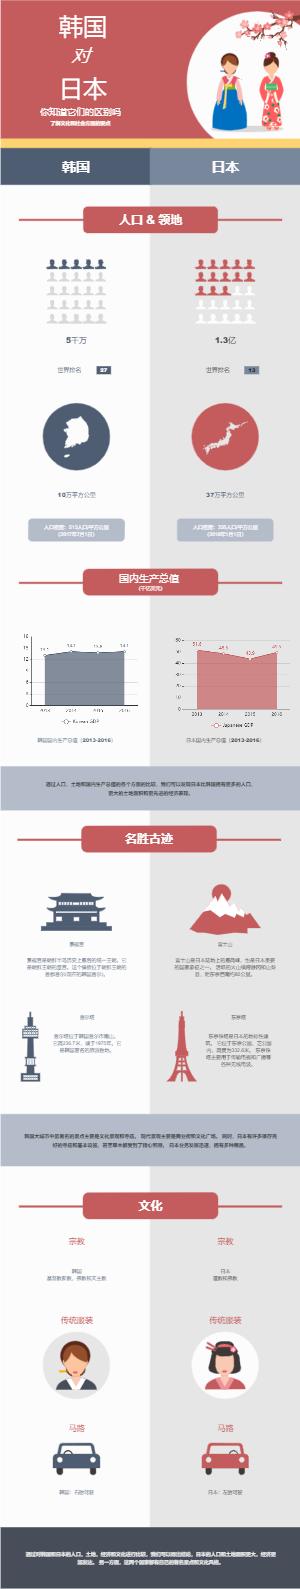 韩国与日本对比模板图